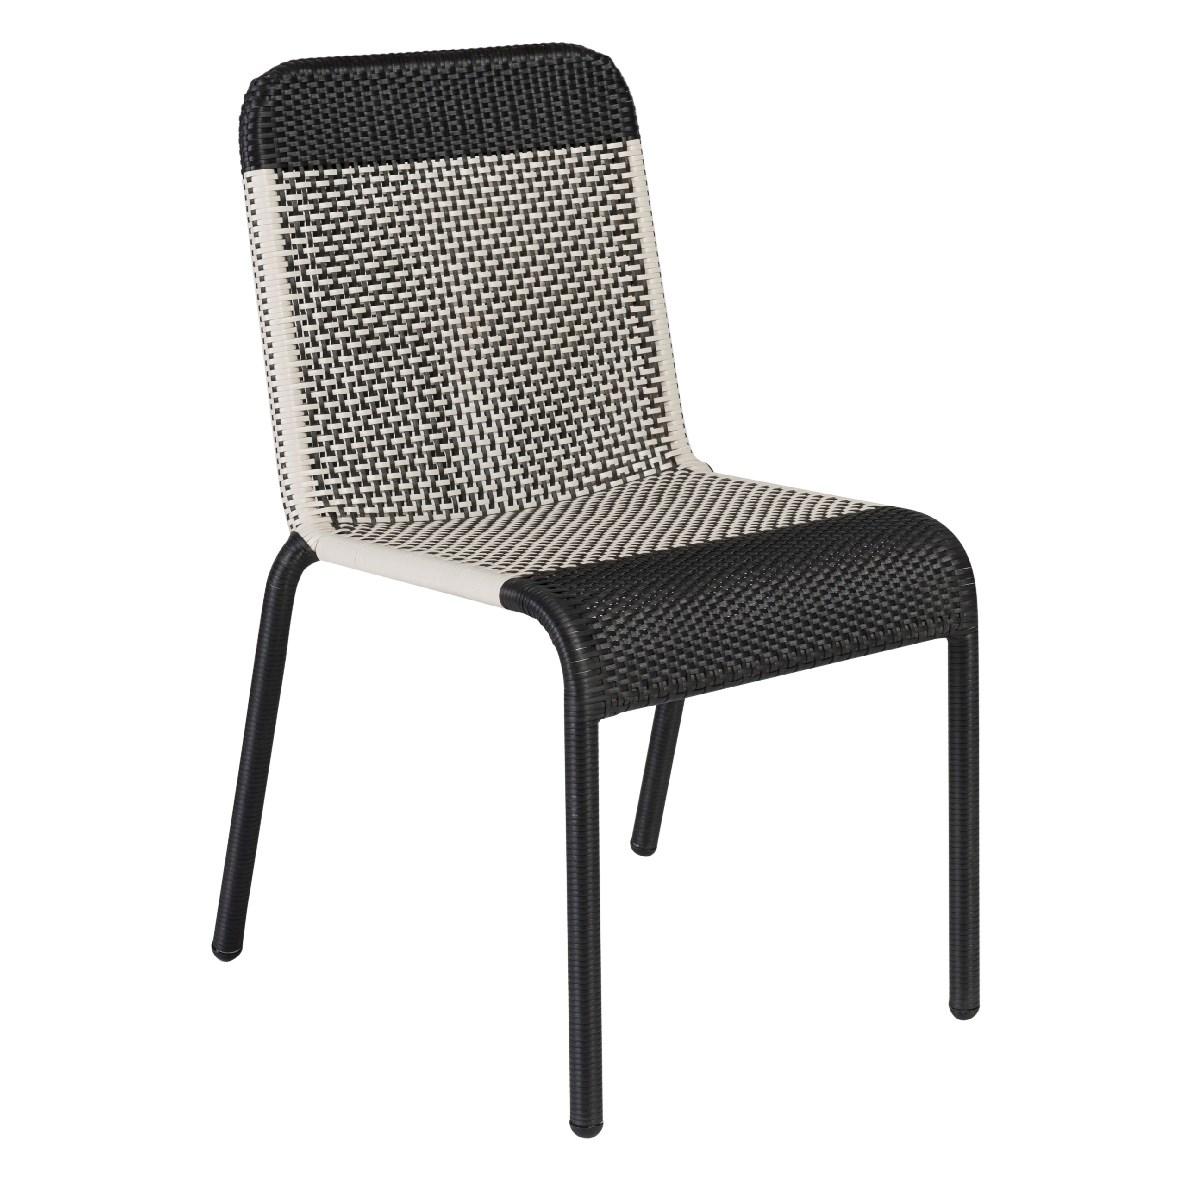 Chaise de jardin tressée en résine marron foncé